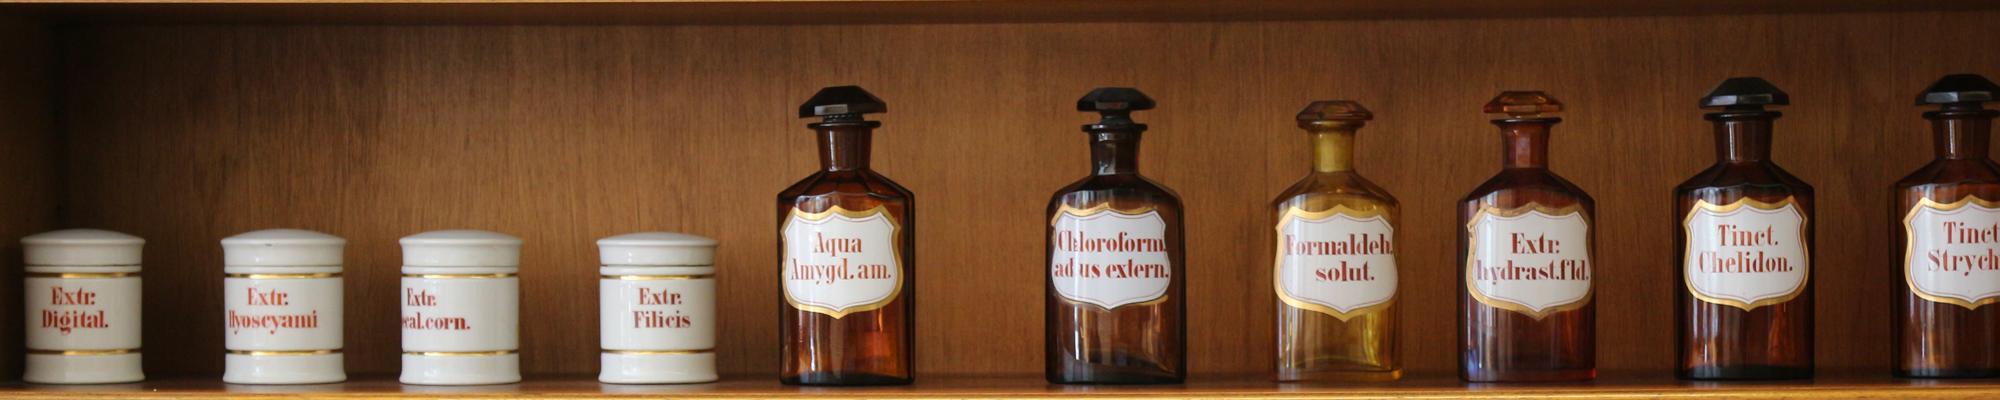 Tarros farmacéuticos - Fundación Juan Esplugues